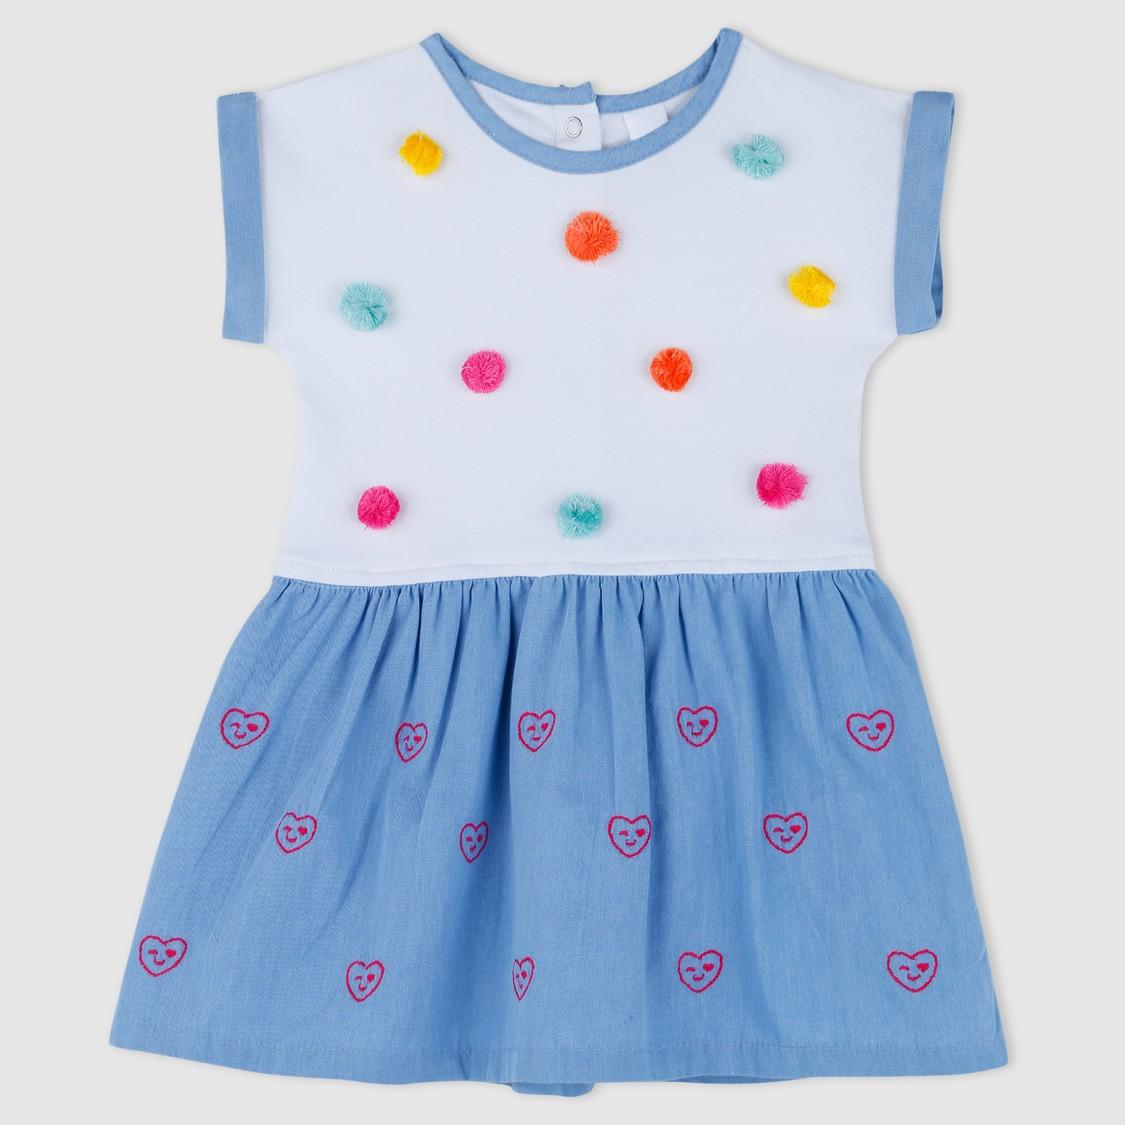 Pom Pom Detail Round Neck Dress